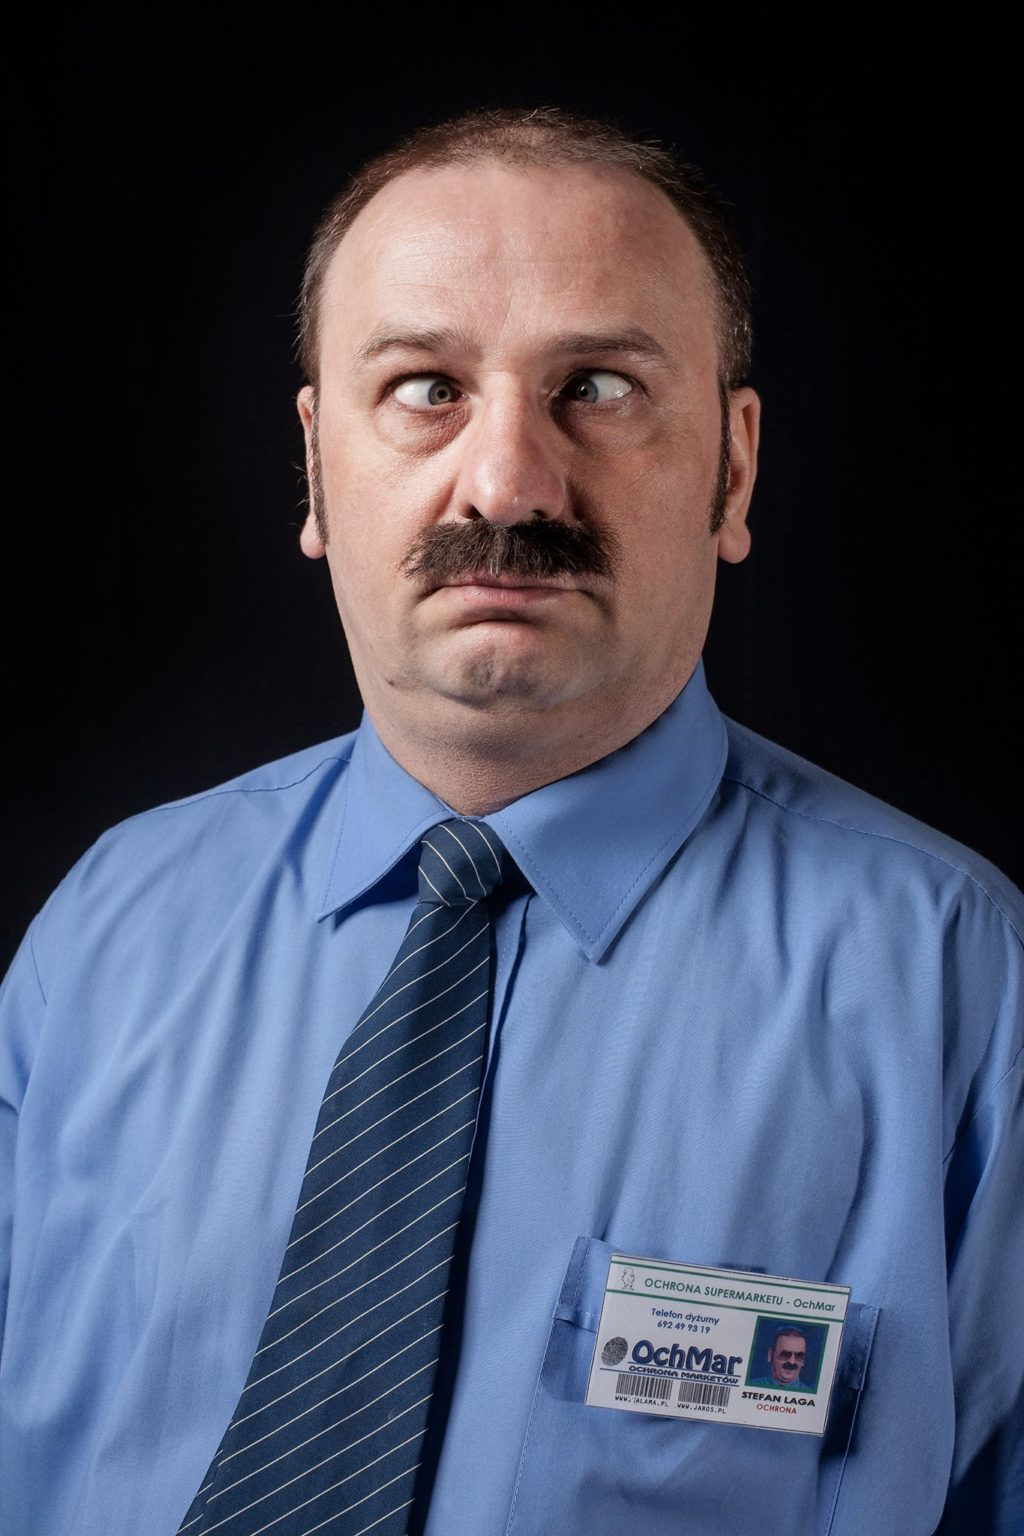 Grzegorz Halama - 1267483 634193949934474 76534646 o